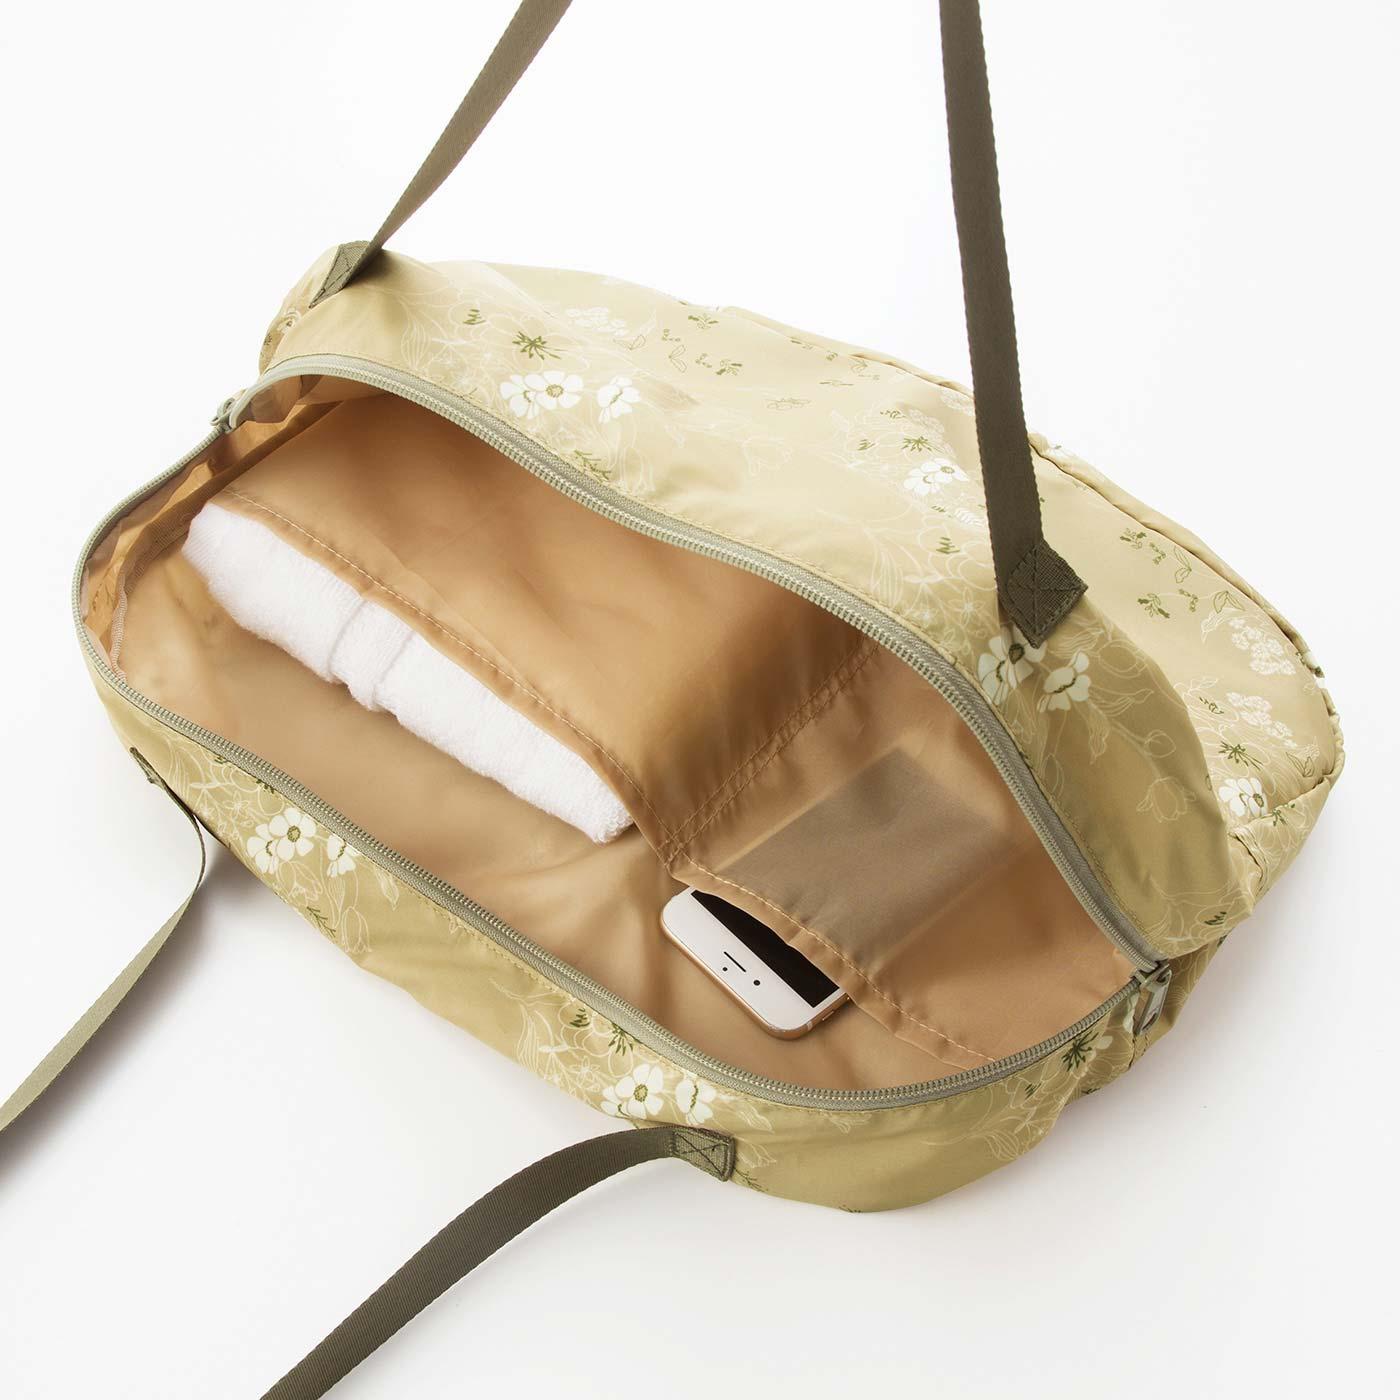 ふだん使いのバッグとしても使用できます。内側には大小のポケット付き。